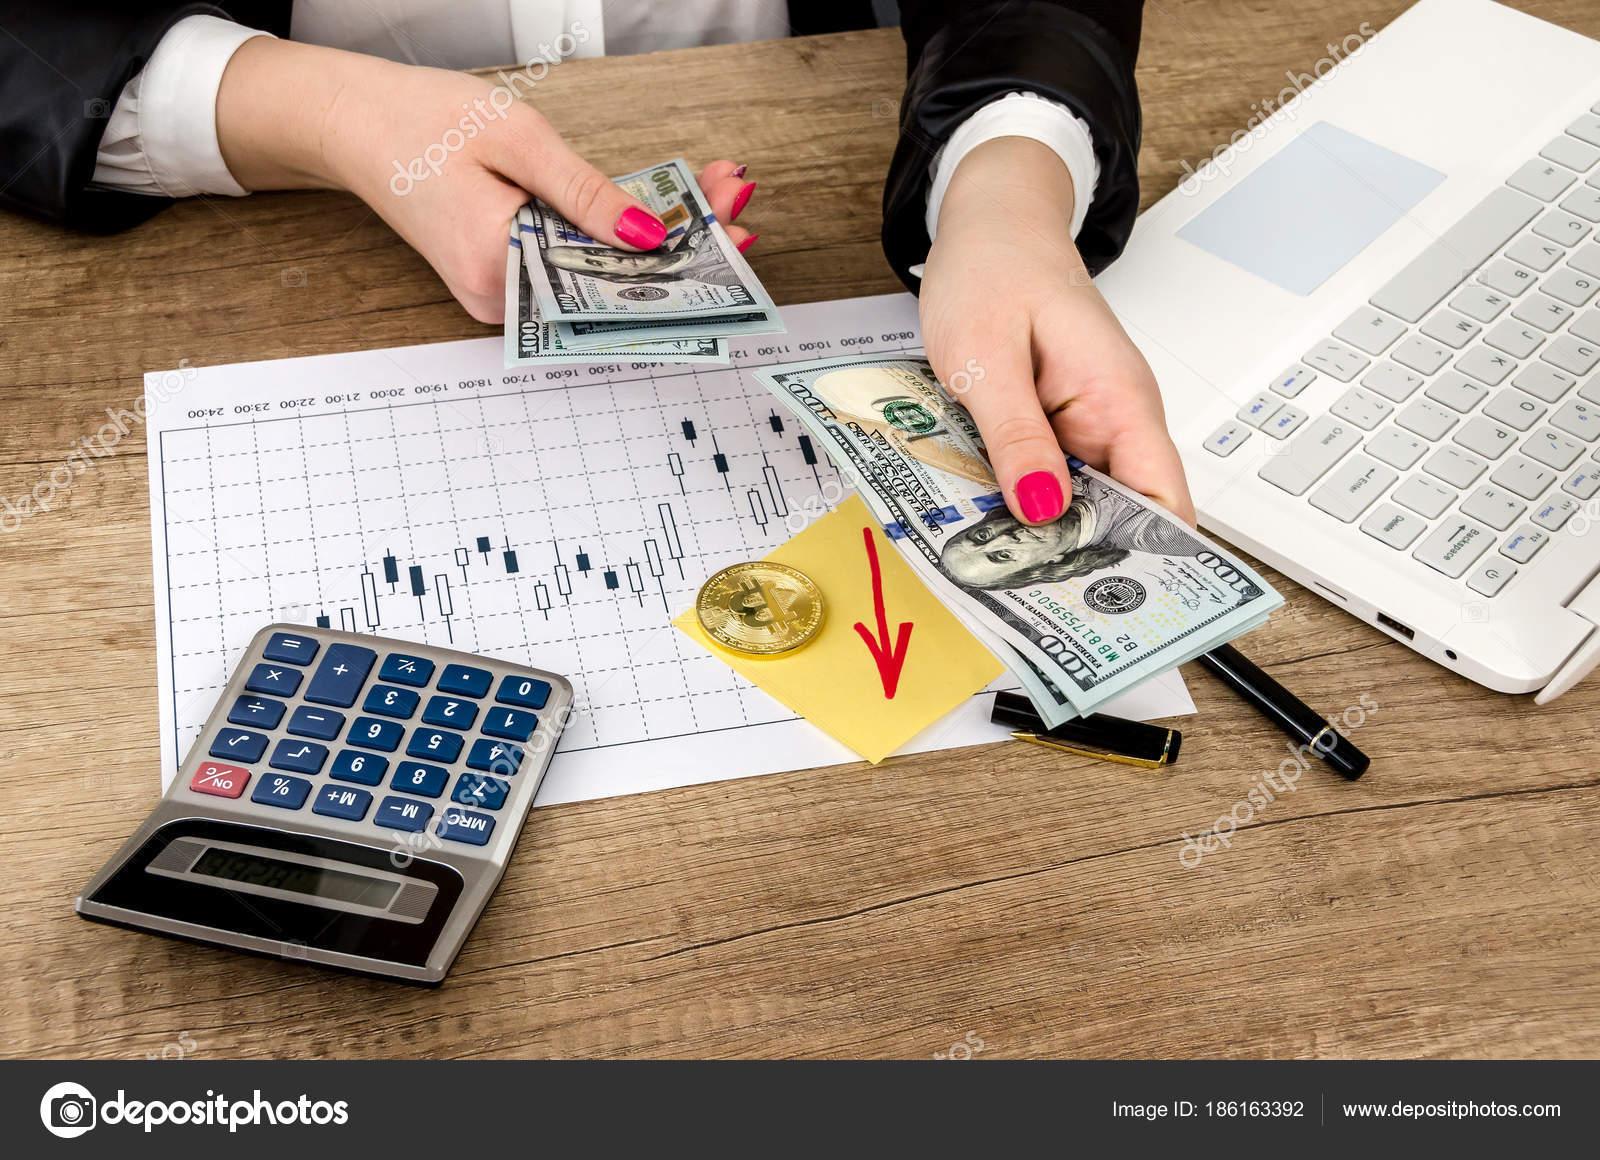 Bitcoin Money Man Laptop Calculator Pen Table – Stock